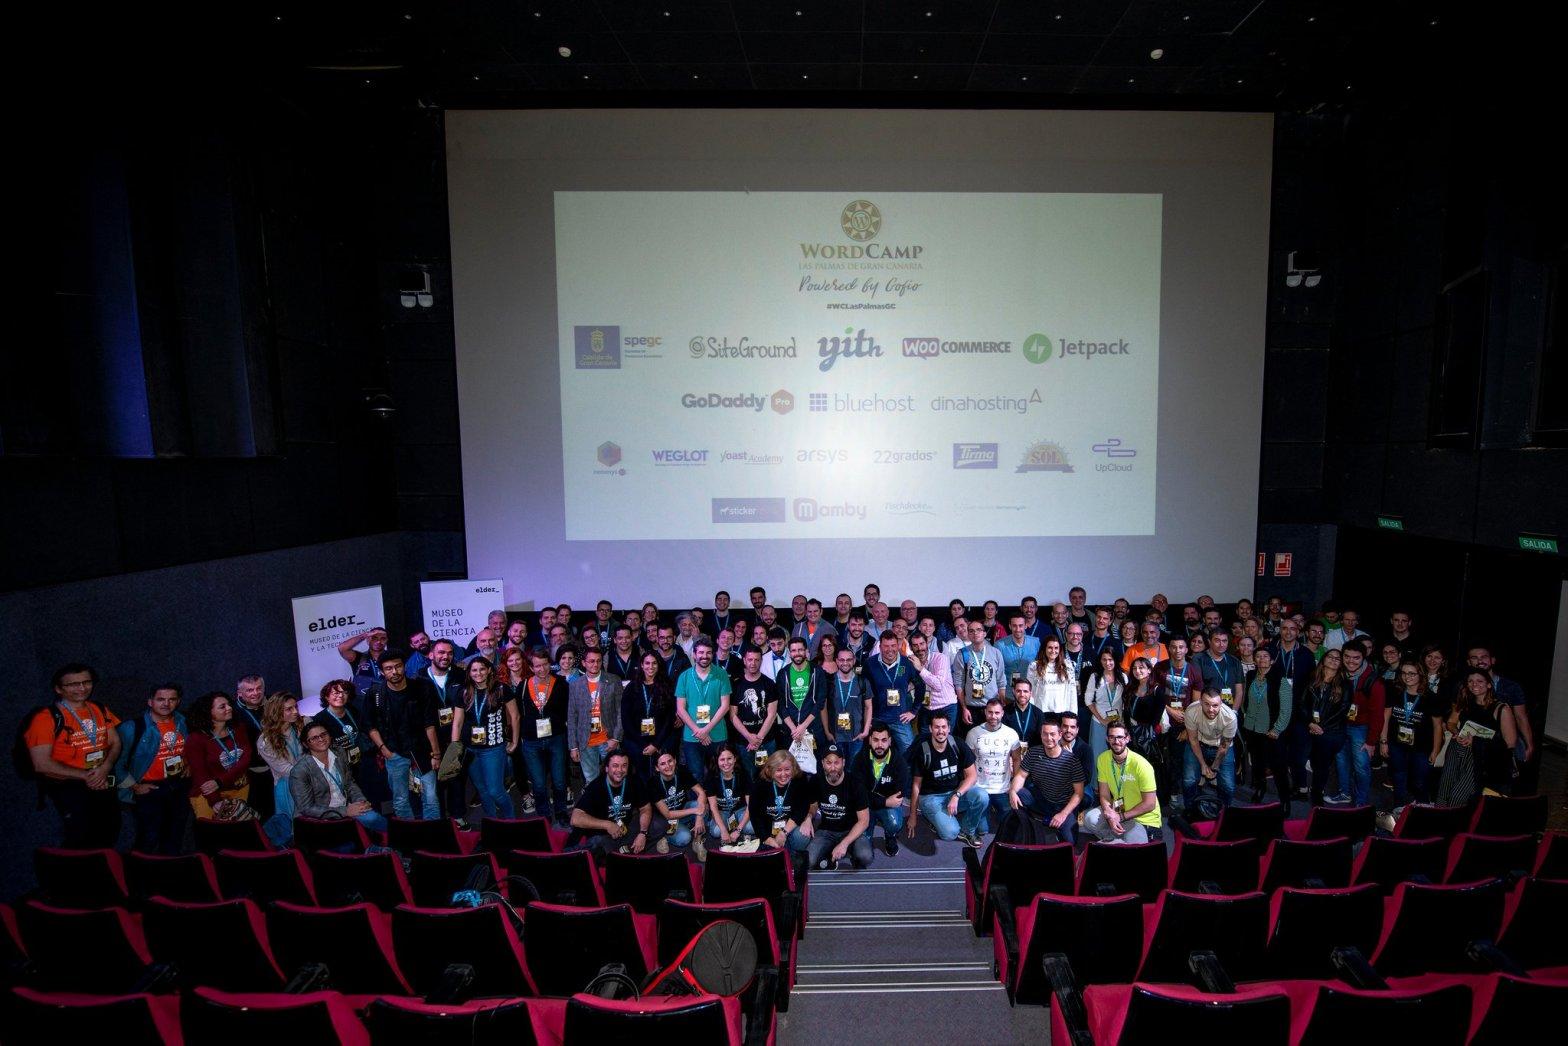 WordCamp Las Palmas de Gran Canaria 2019